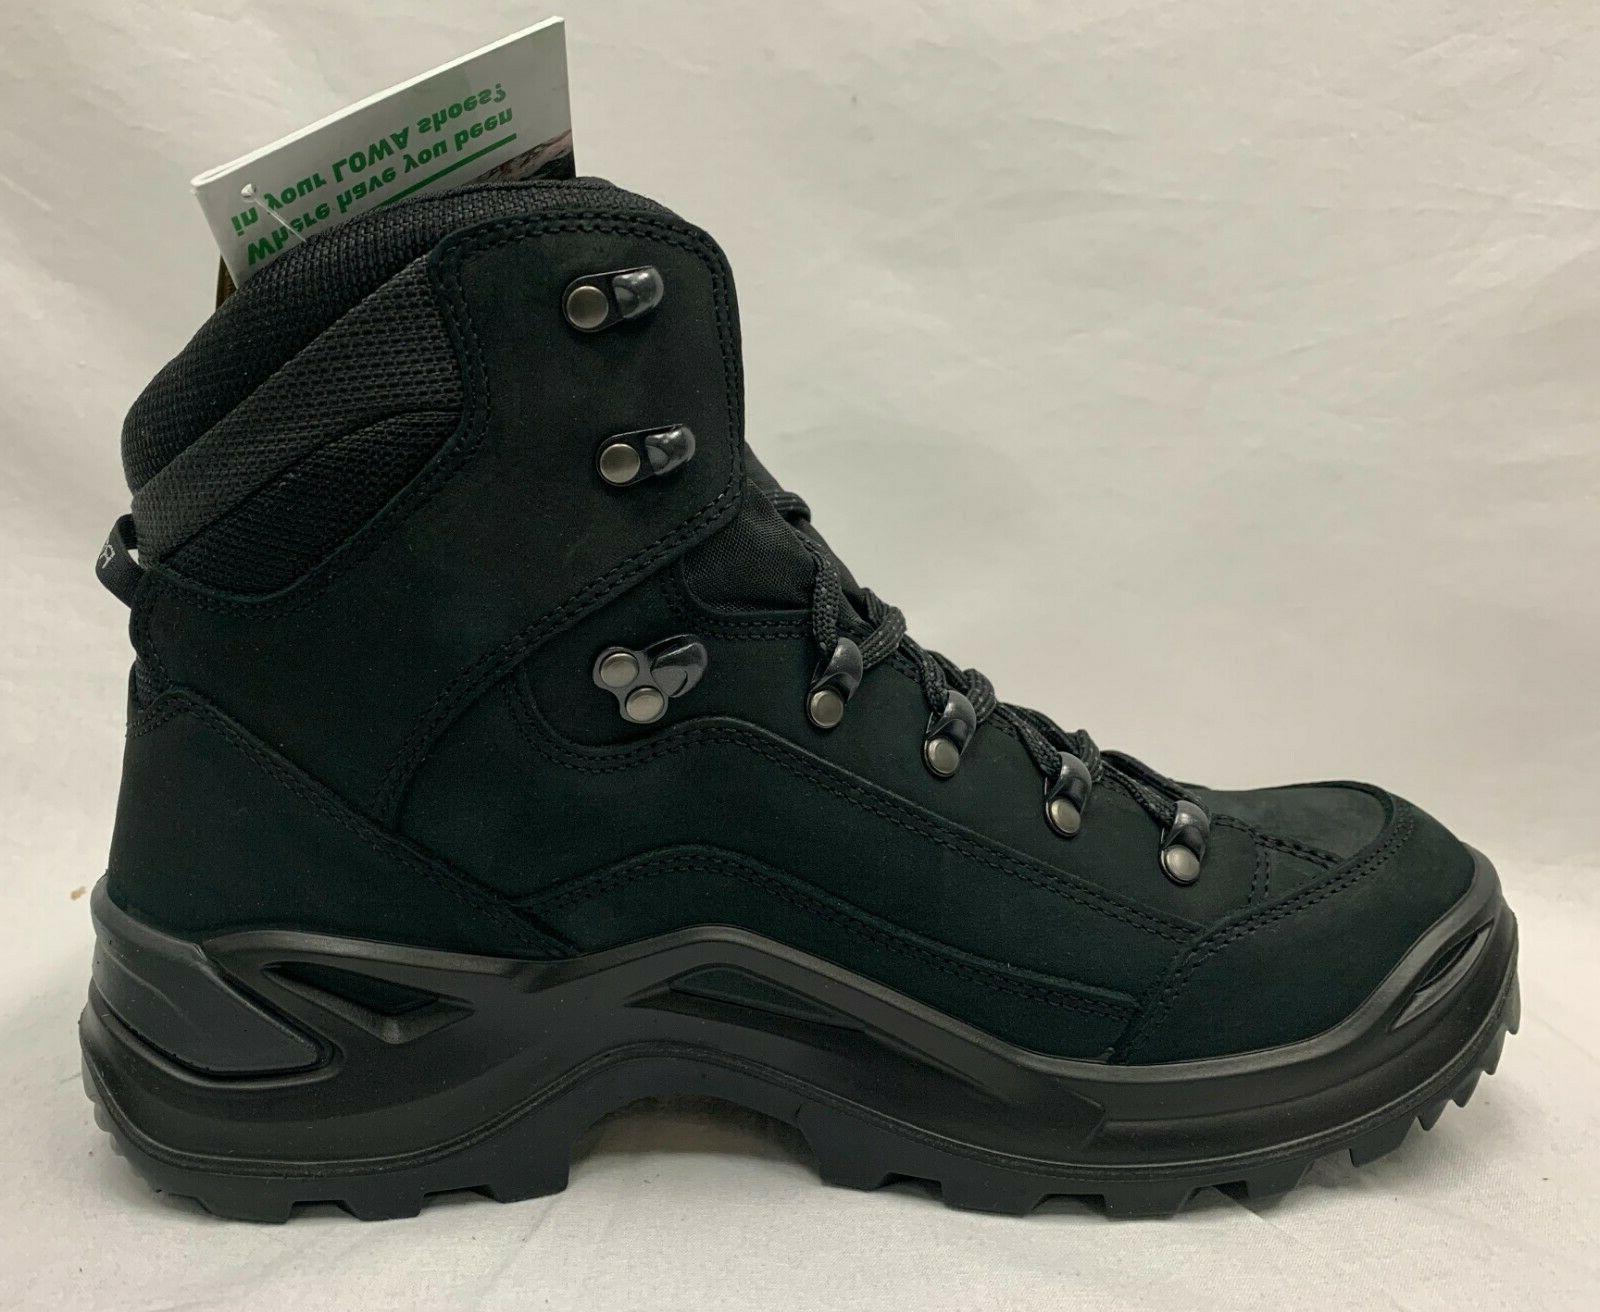 Lowa Men's Mid hiking boots 310945 0998 deep 8.5